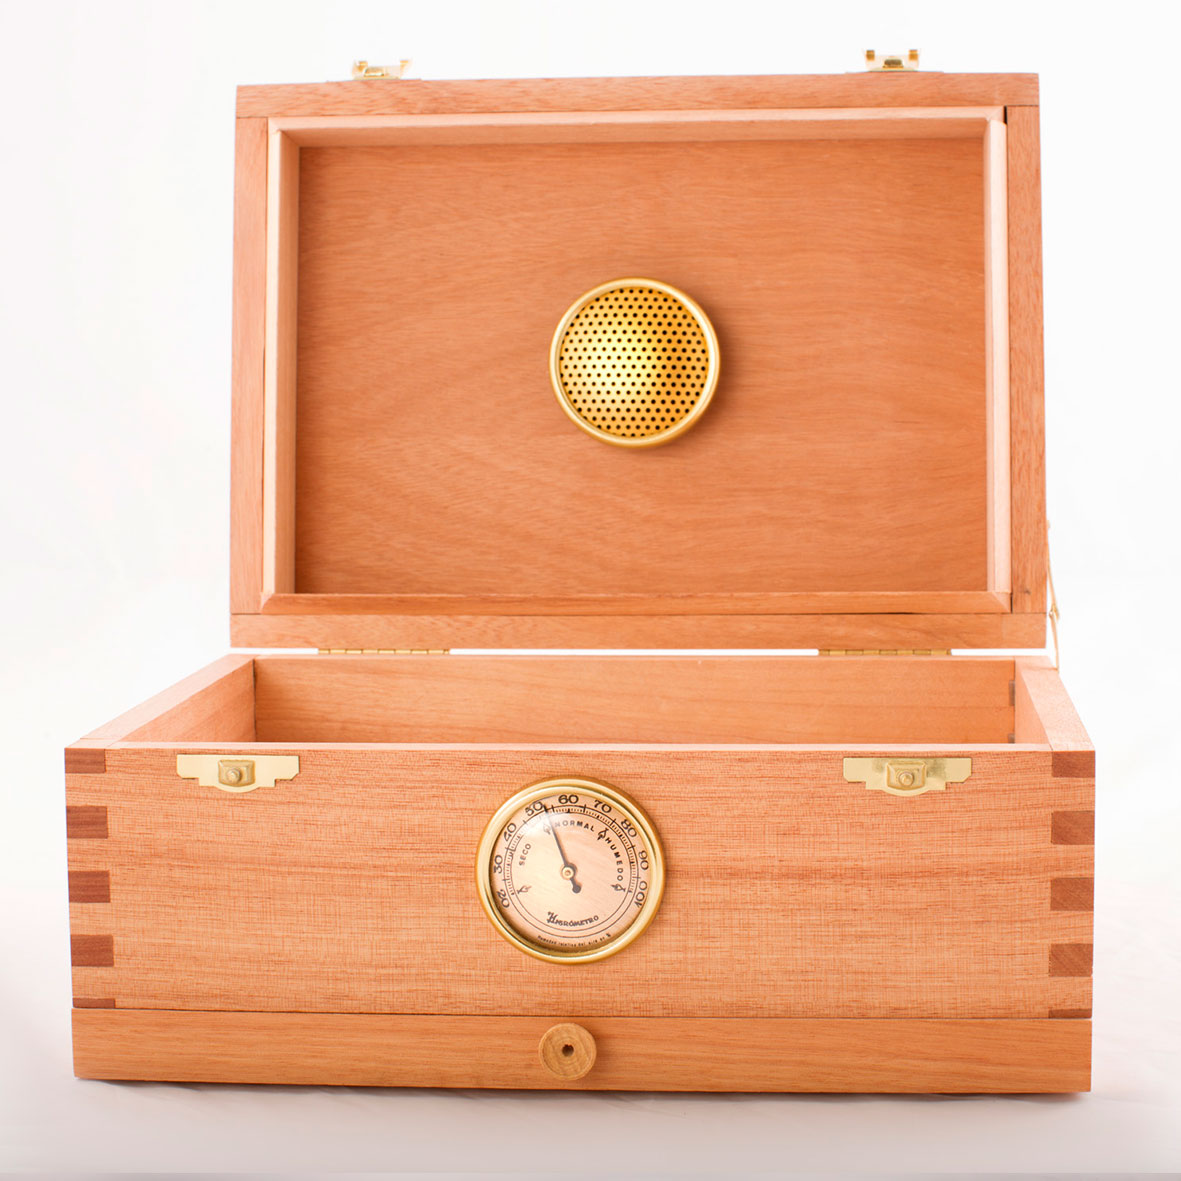 00box caja pequeña 04